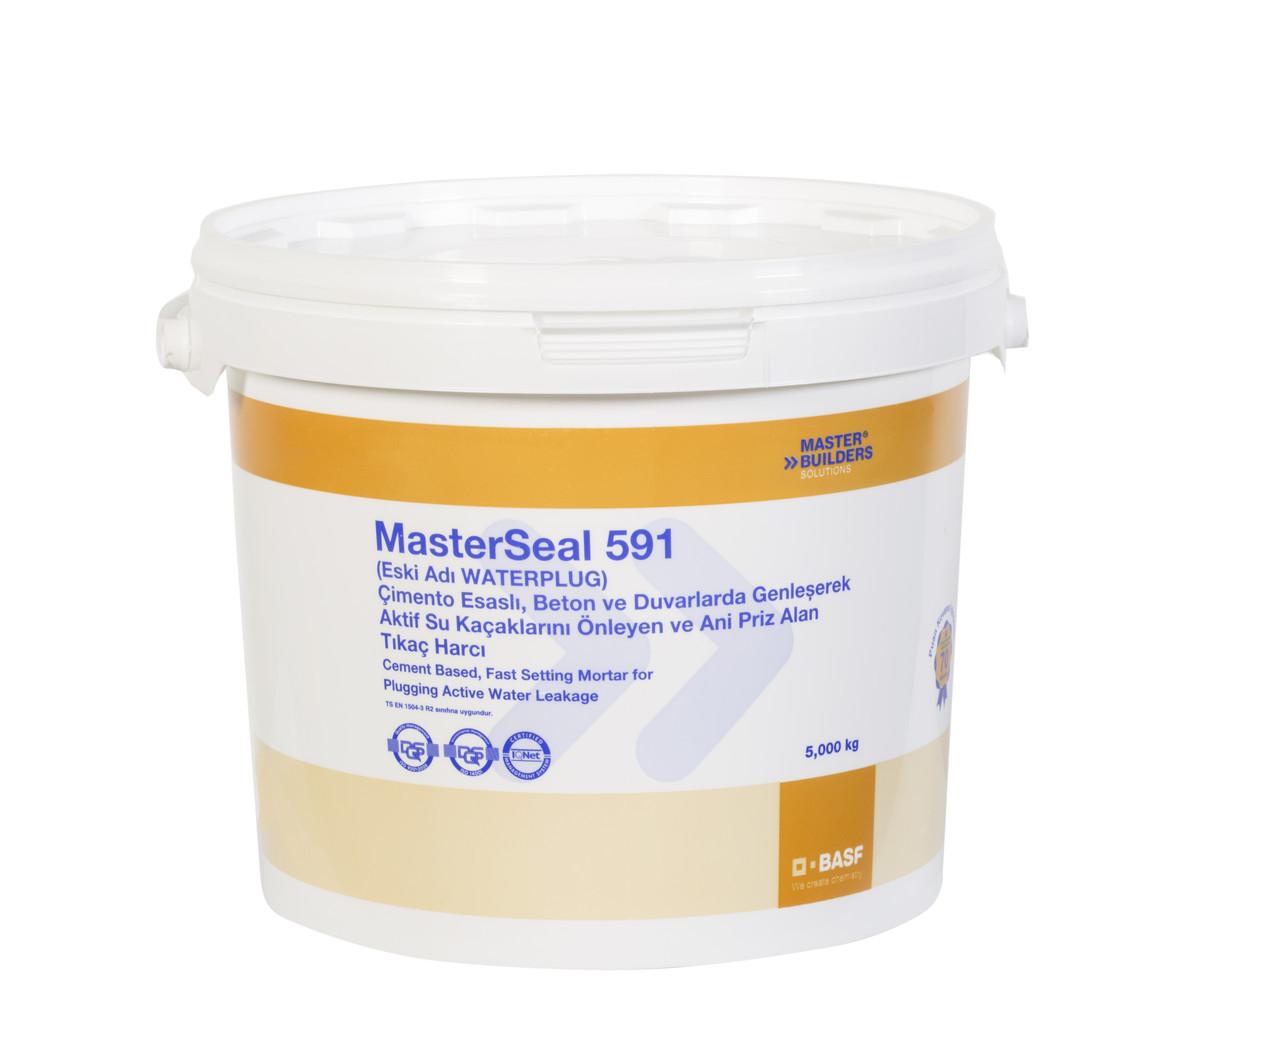 MasterSeal 591 (гидропломба, быстротвердеющий раствор для остановки активной течи воды), фото 1